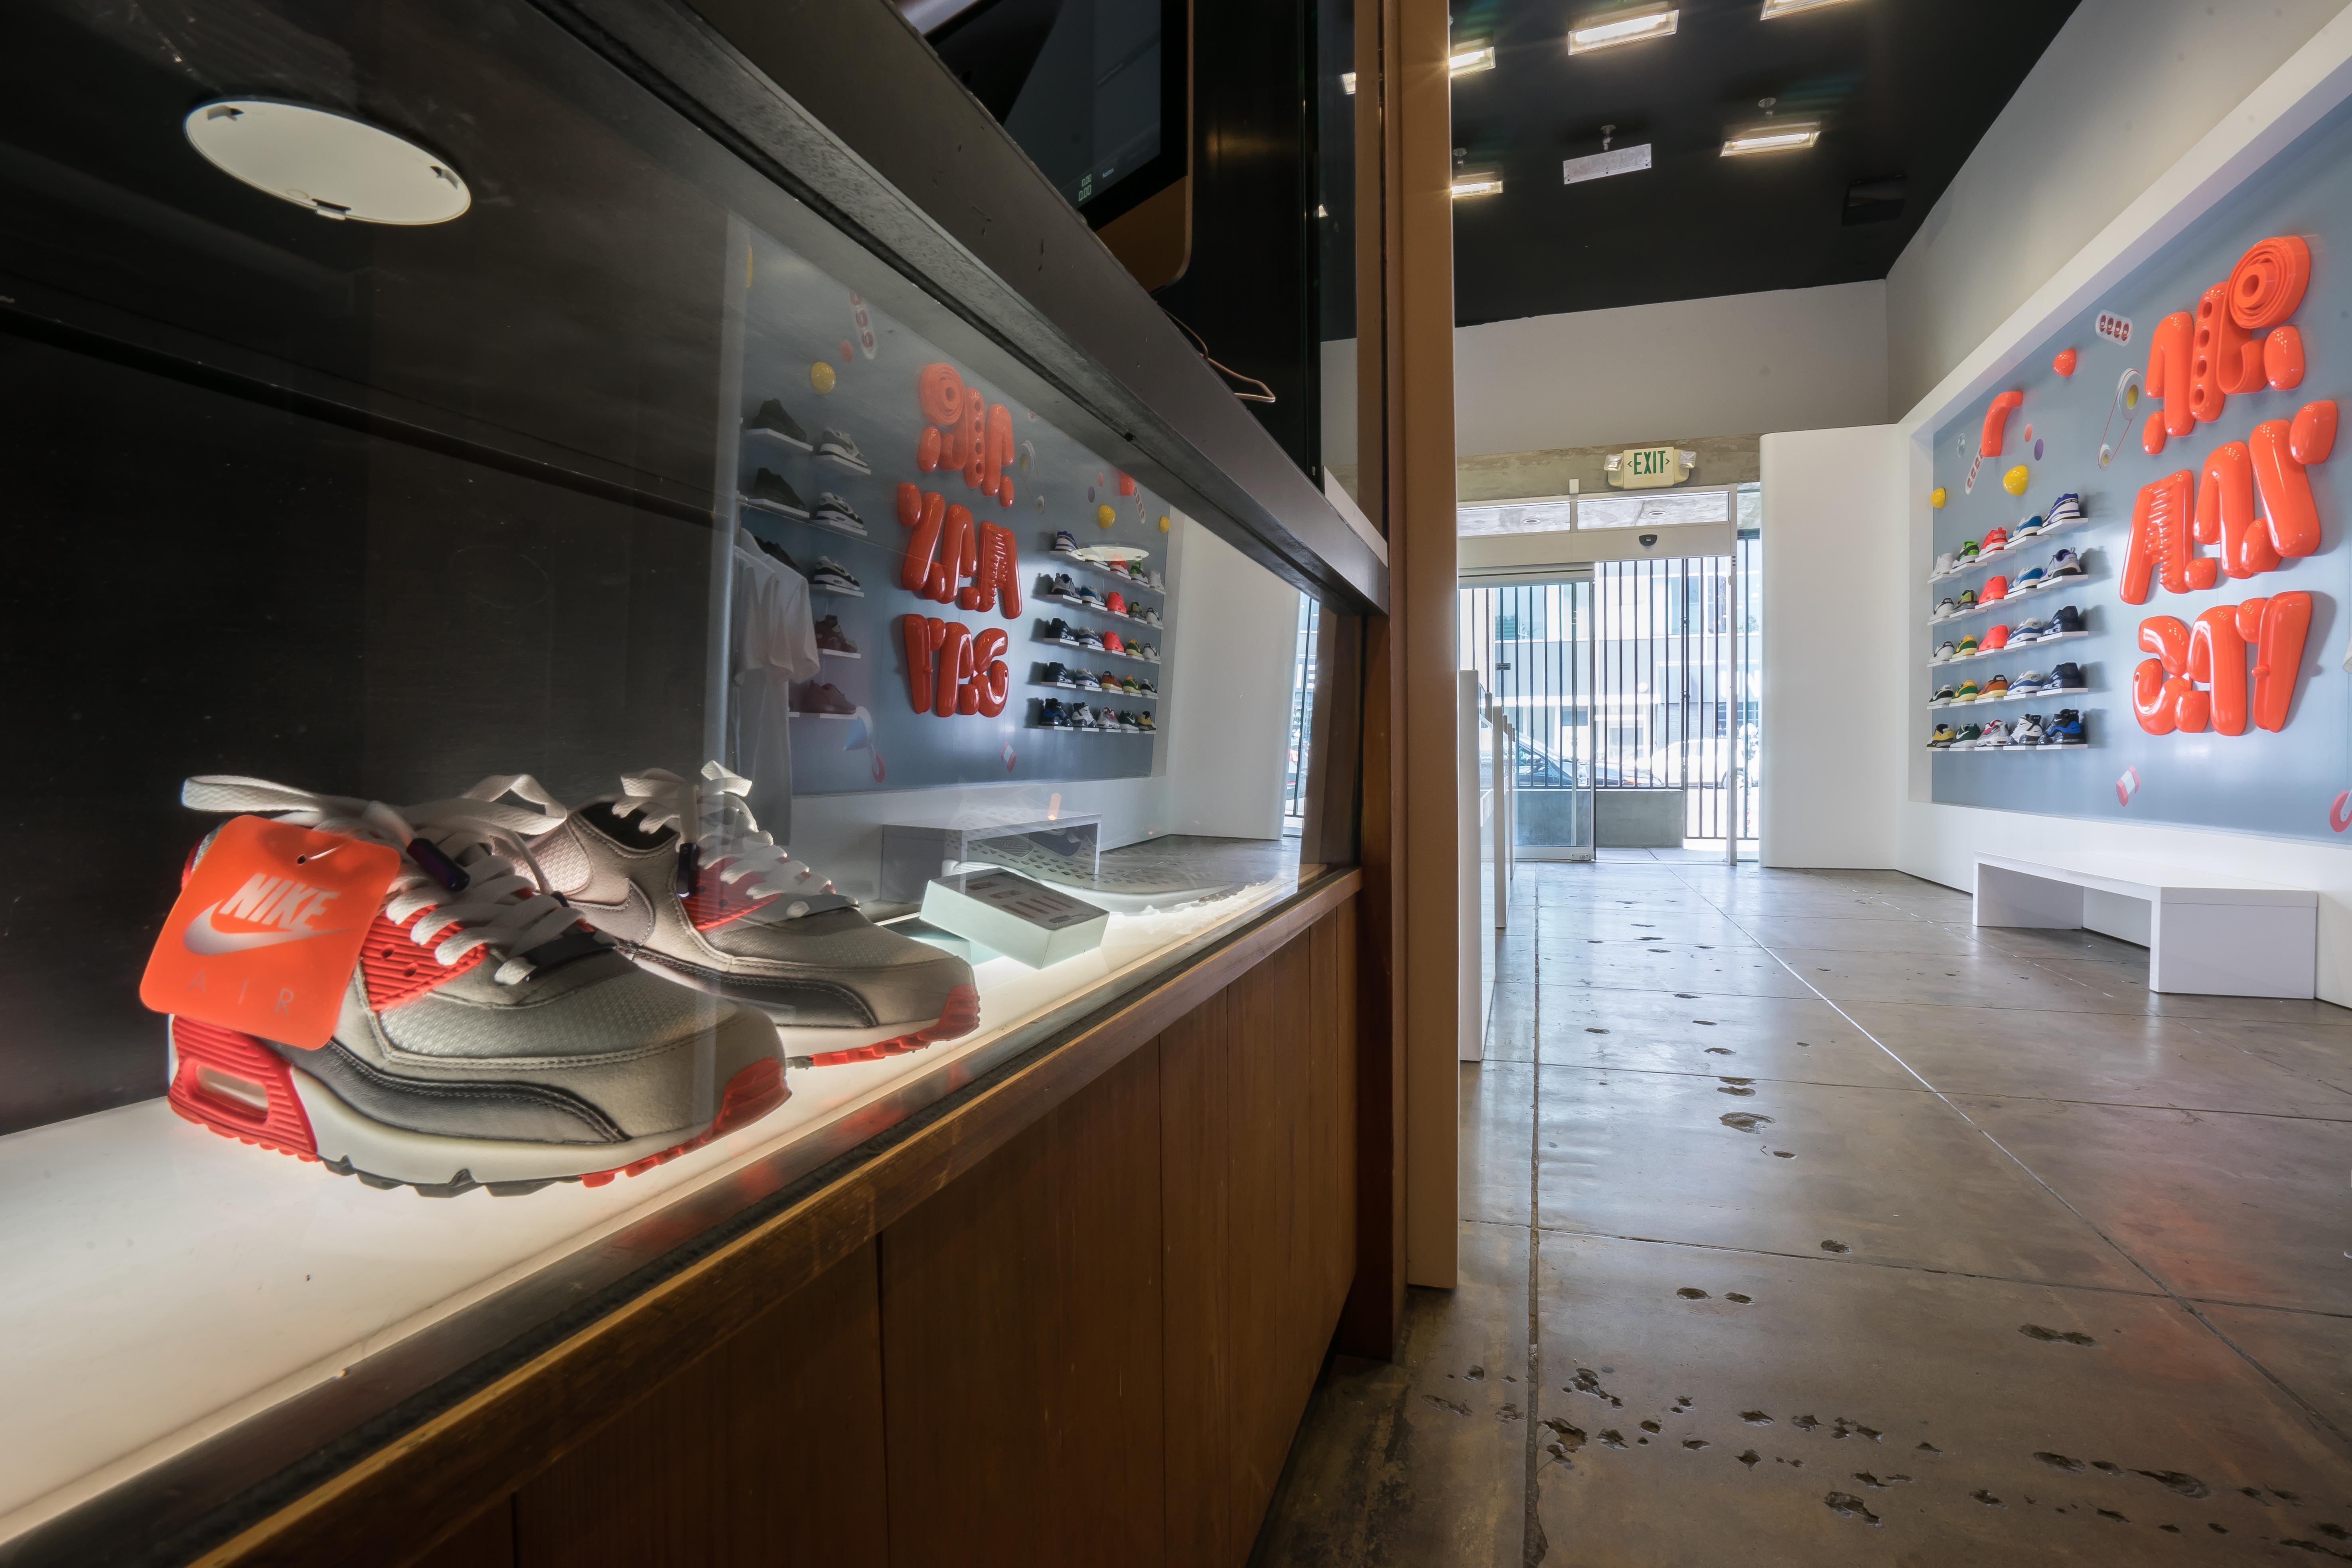 bd4637bfef6d84 Nike s New Air Max Pop-Up on La Brea Is Sneakerhead Heaven - Racked LA